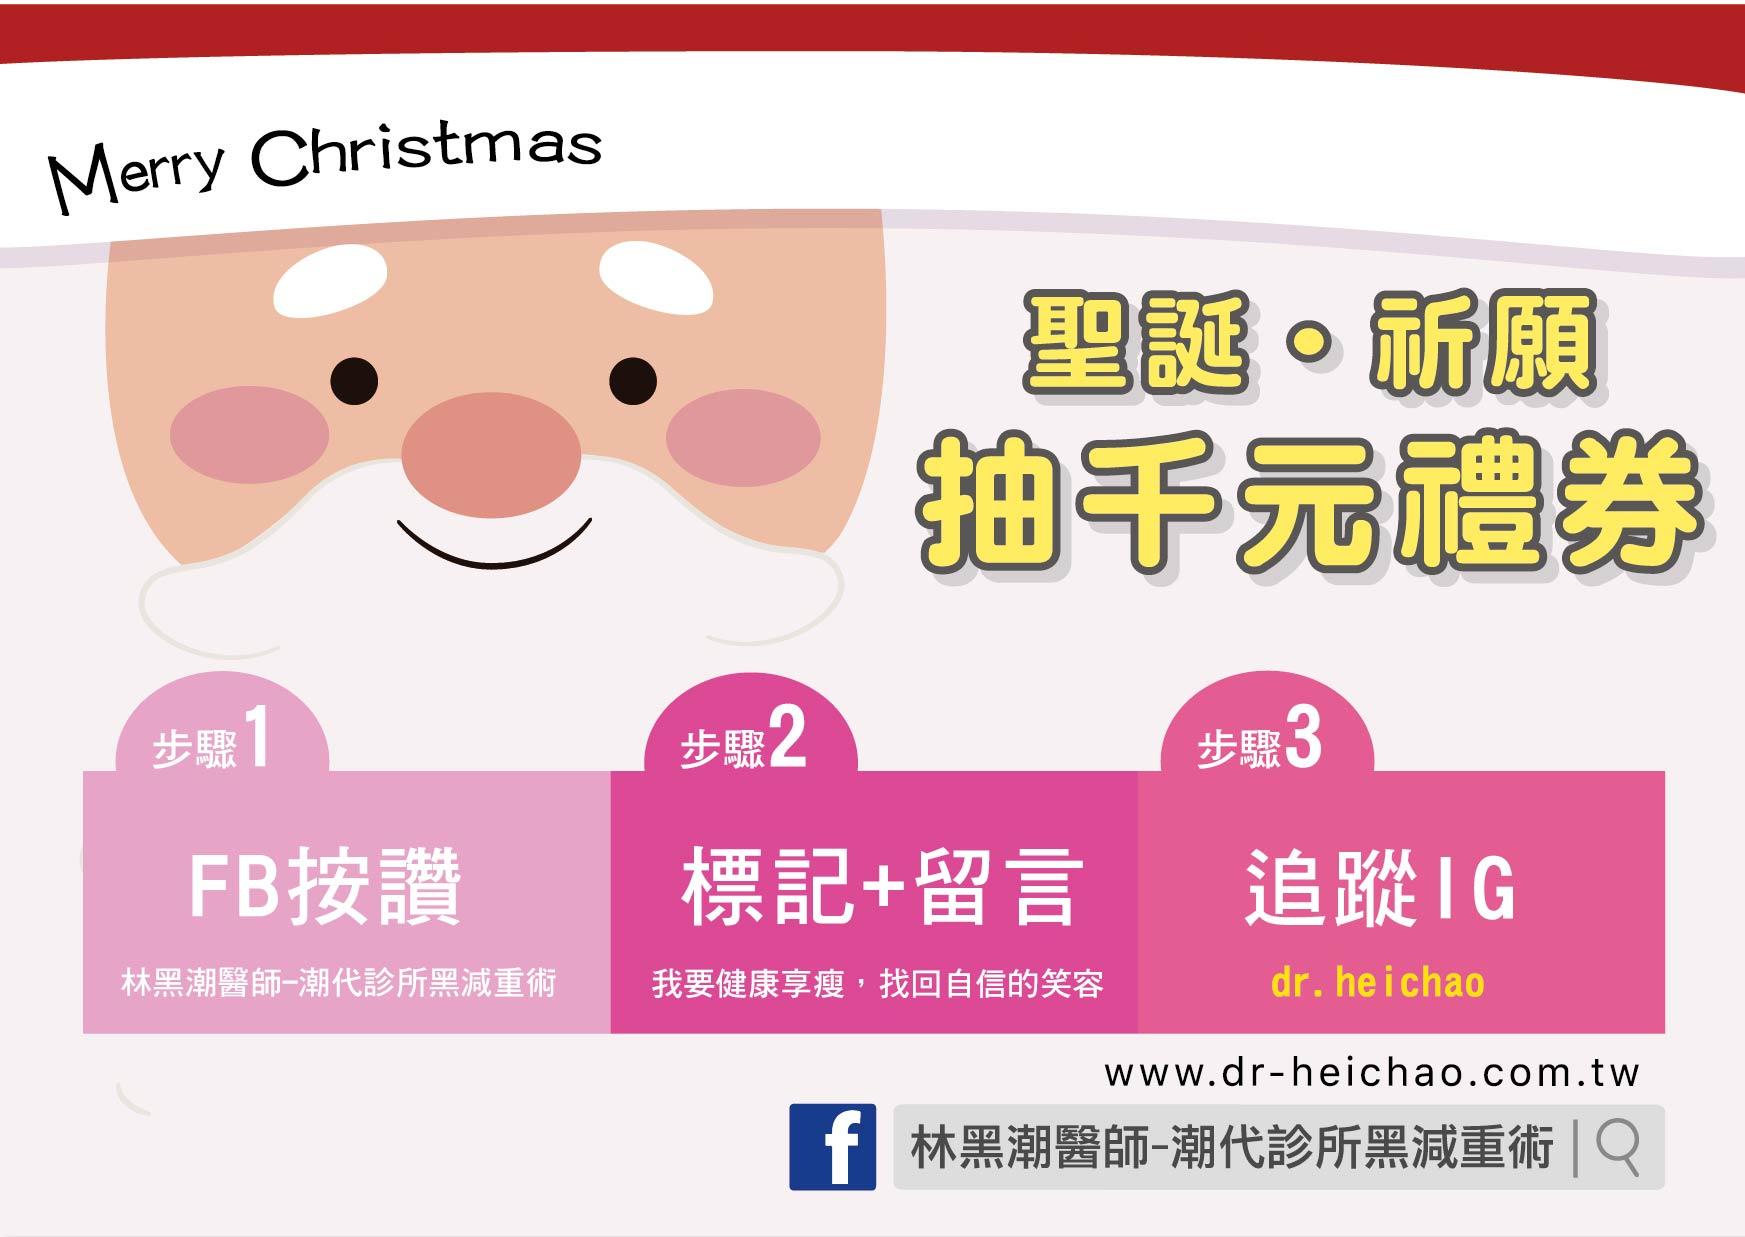 聖誕節FB抽獎活動(活動截止) - 潮代診所 林黑潮 減肥 減重 瘦身 門診 健康減重